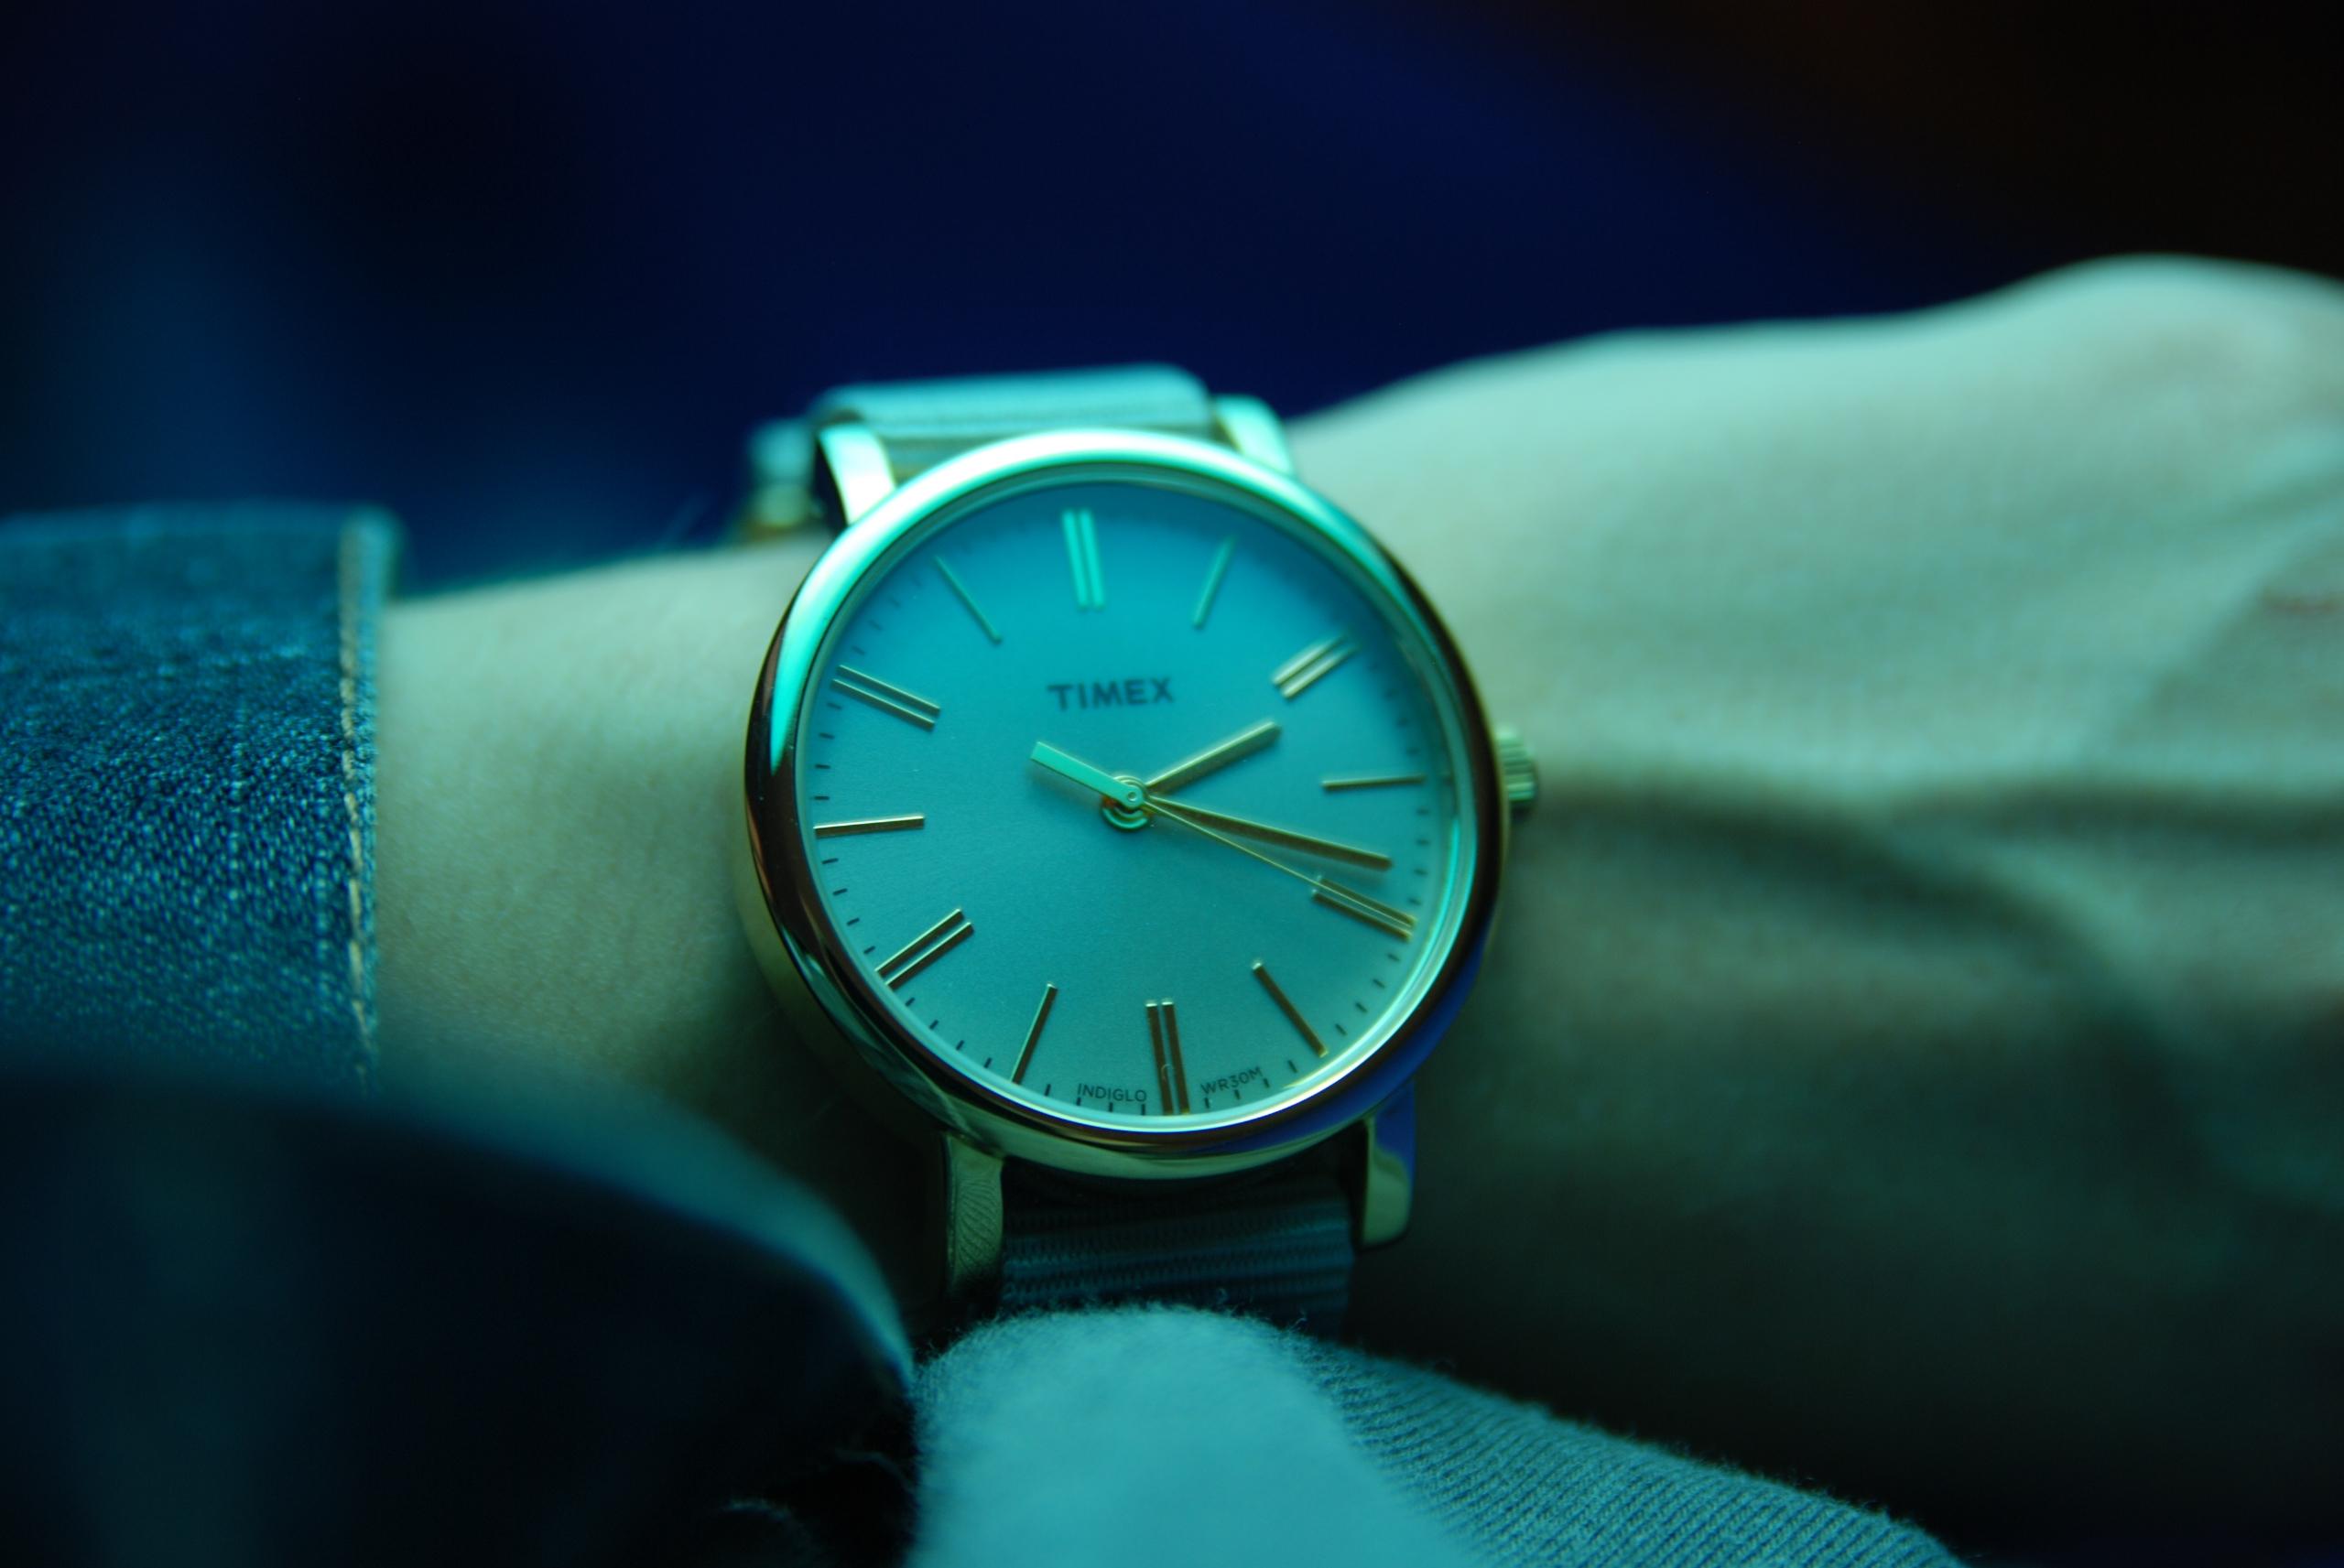 Zdjęcie przedstawia zbliżenie na zegarek, scena oświetlona chłodnym światłem.